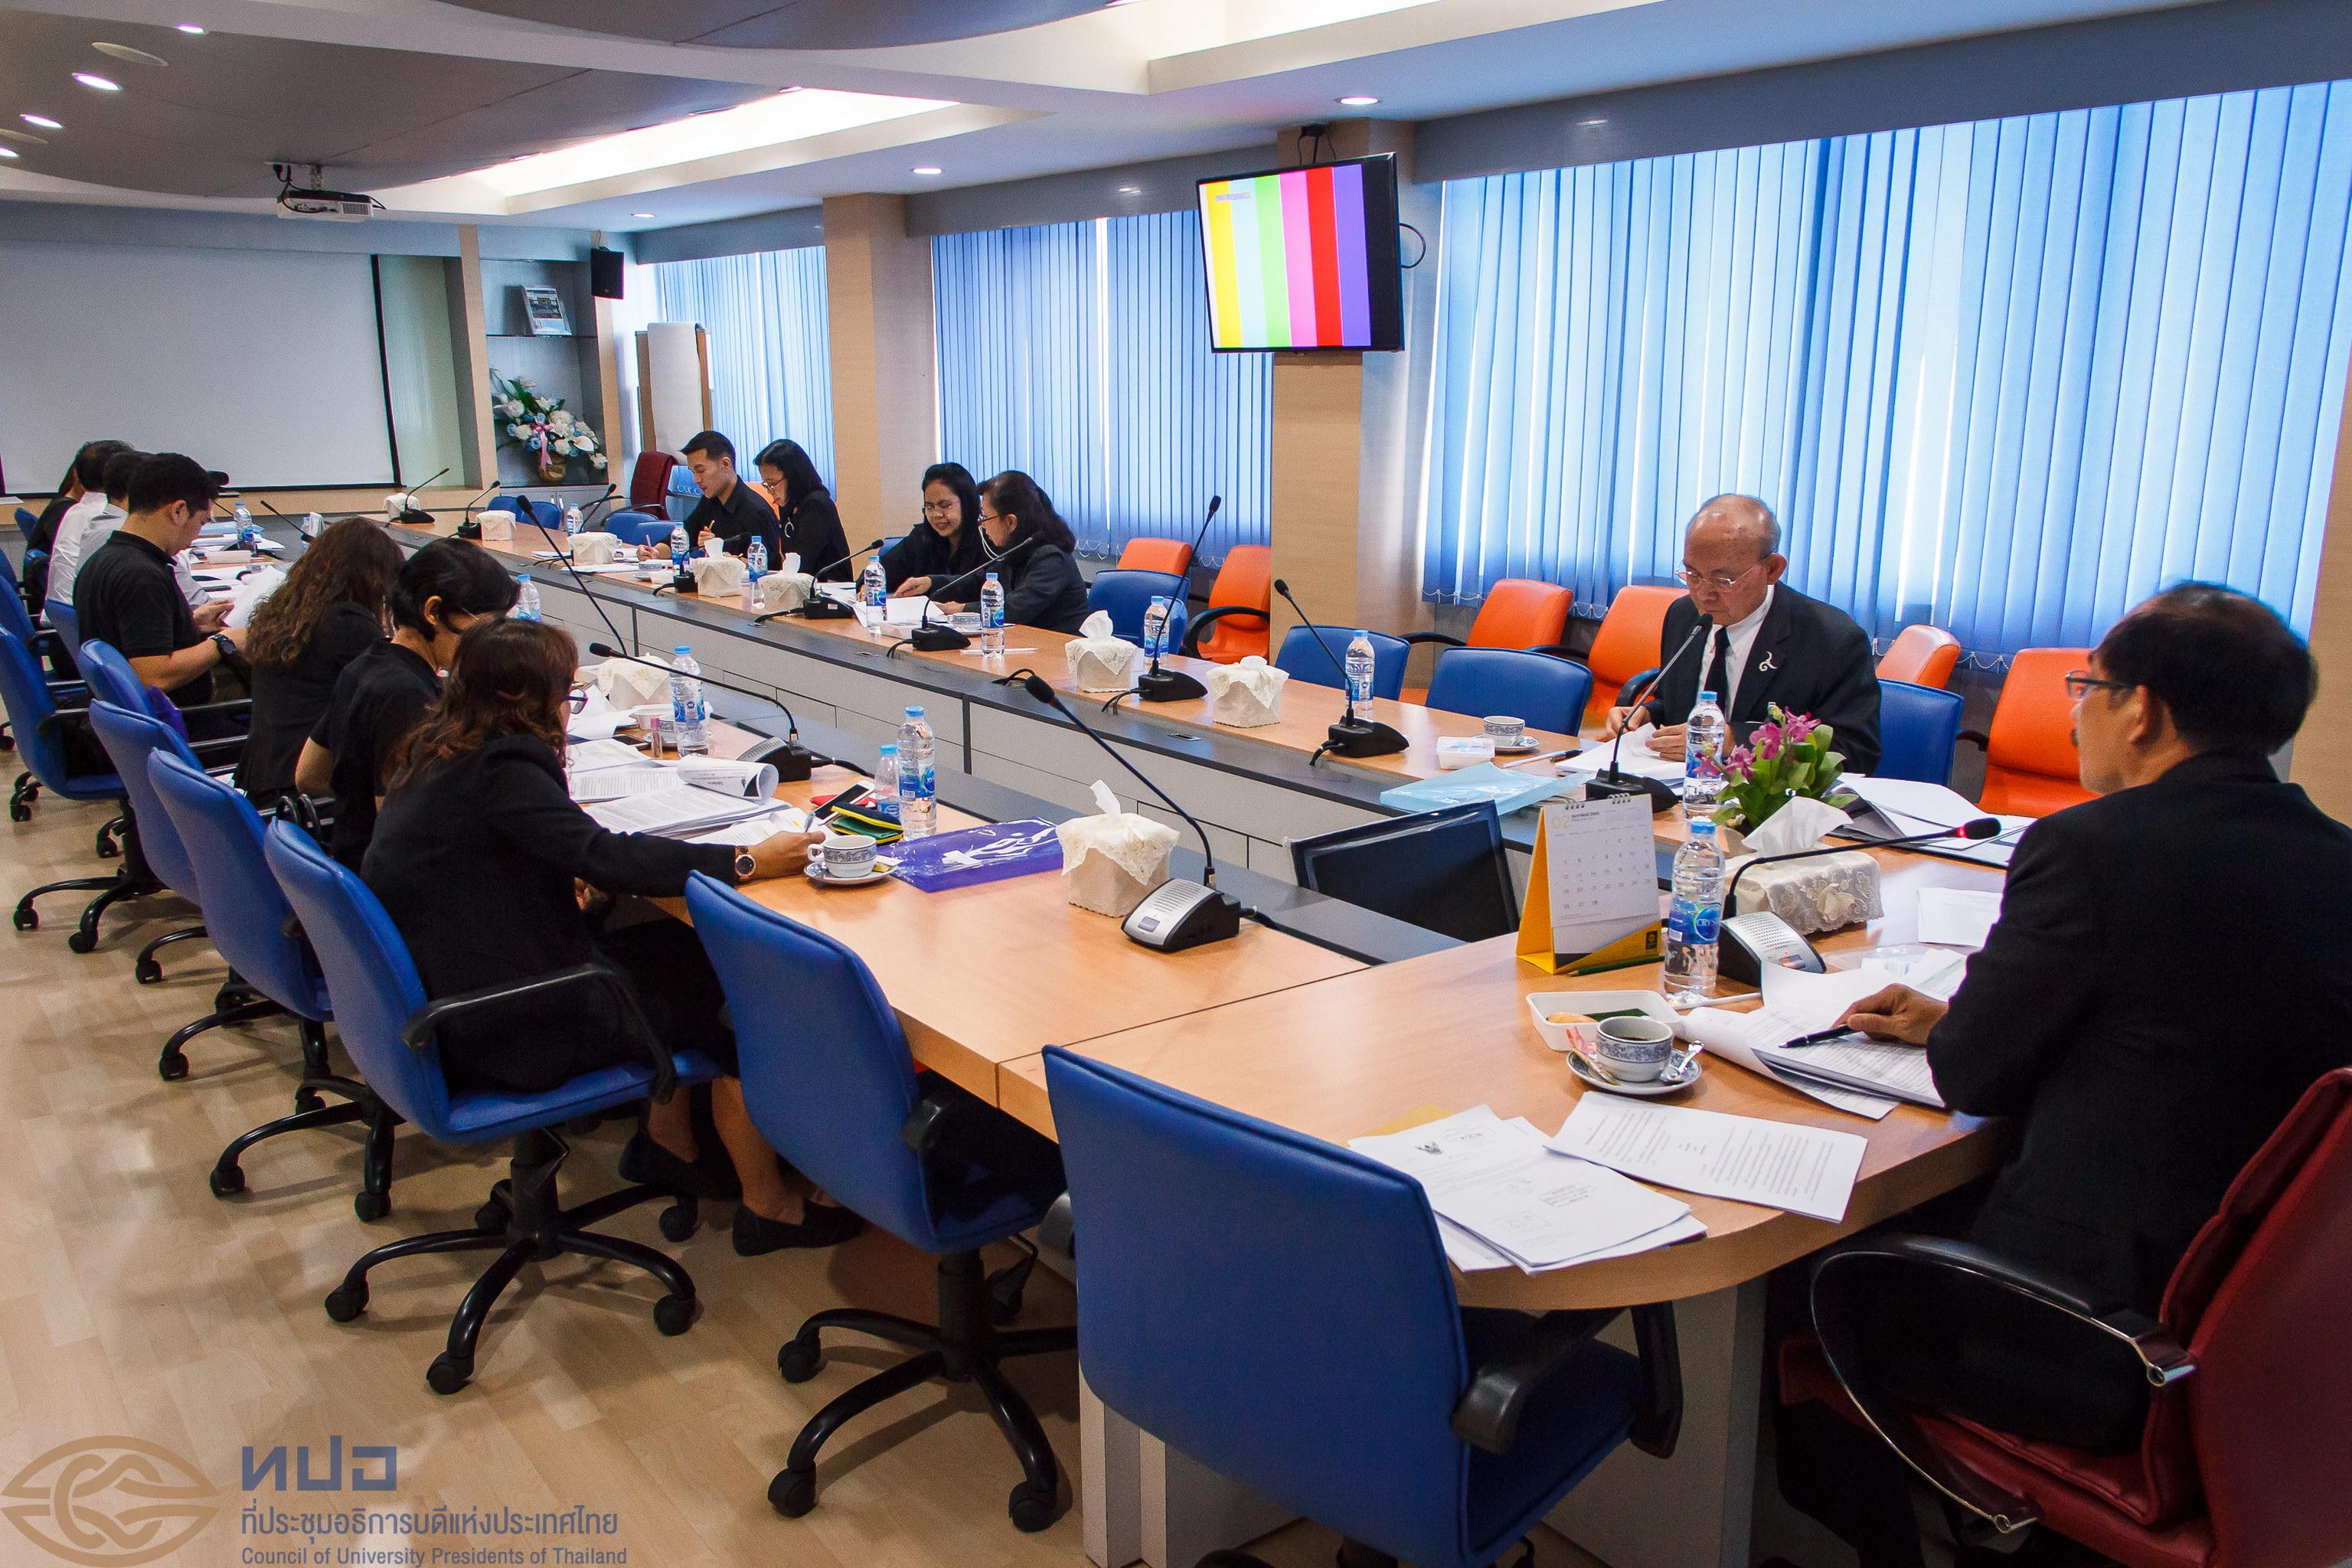 การประชุมคณะทำงานร่างพระราชบัญญัติการจัดซื้อจัดจ้างและการบริหารพัสดุภาครัฐ พ.ศ. … ครั้งที่ 4/2560